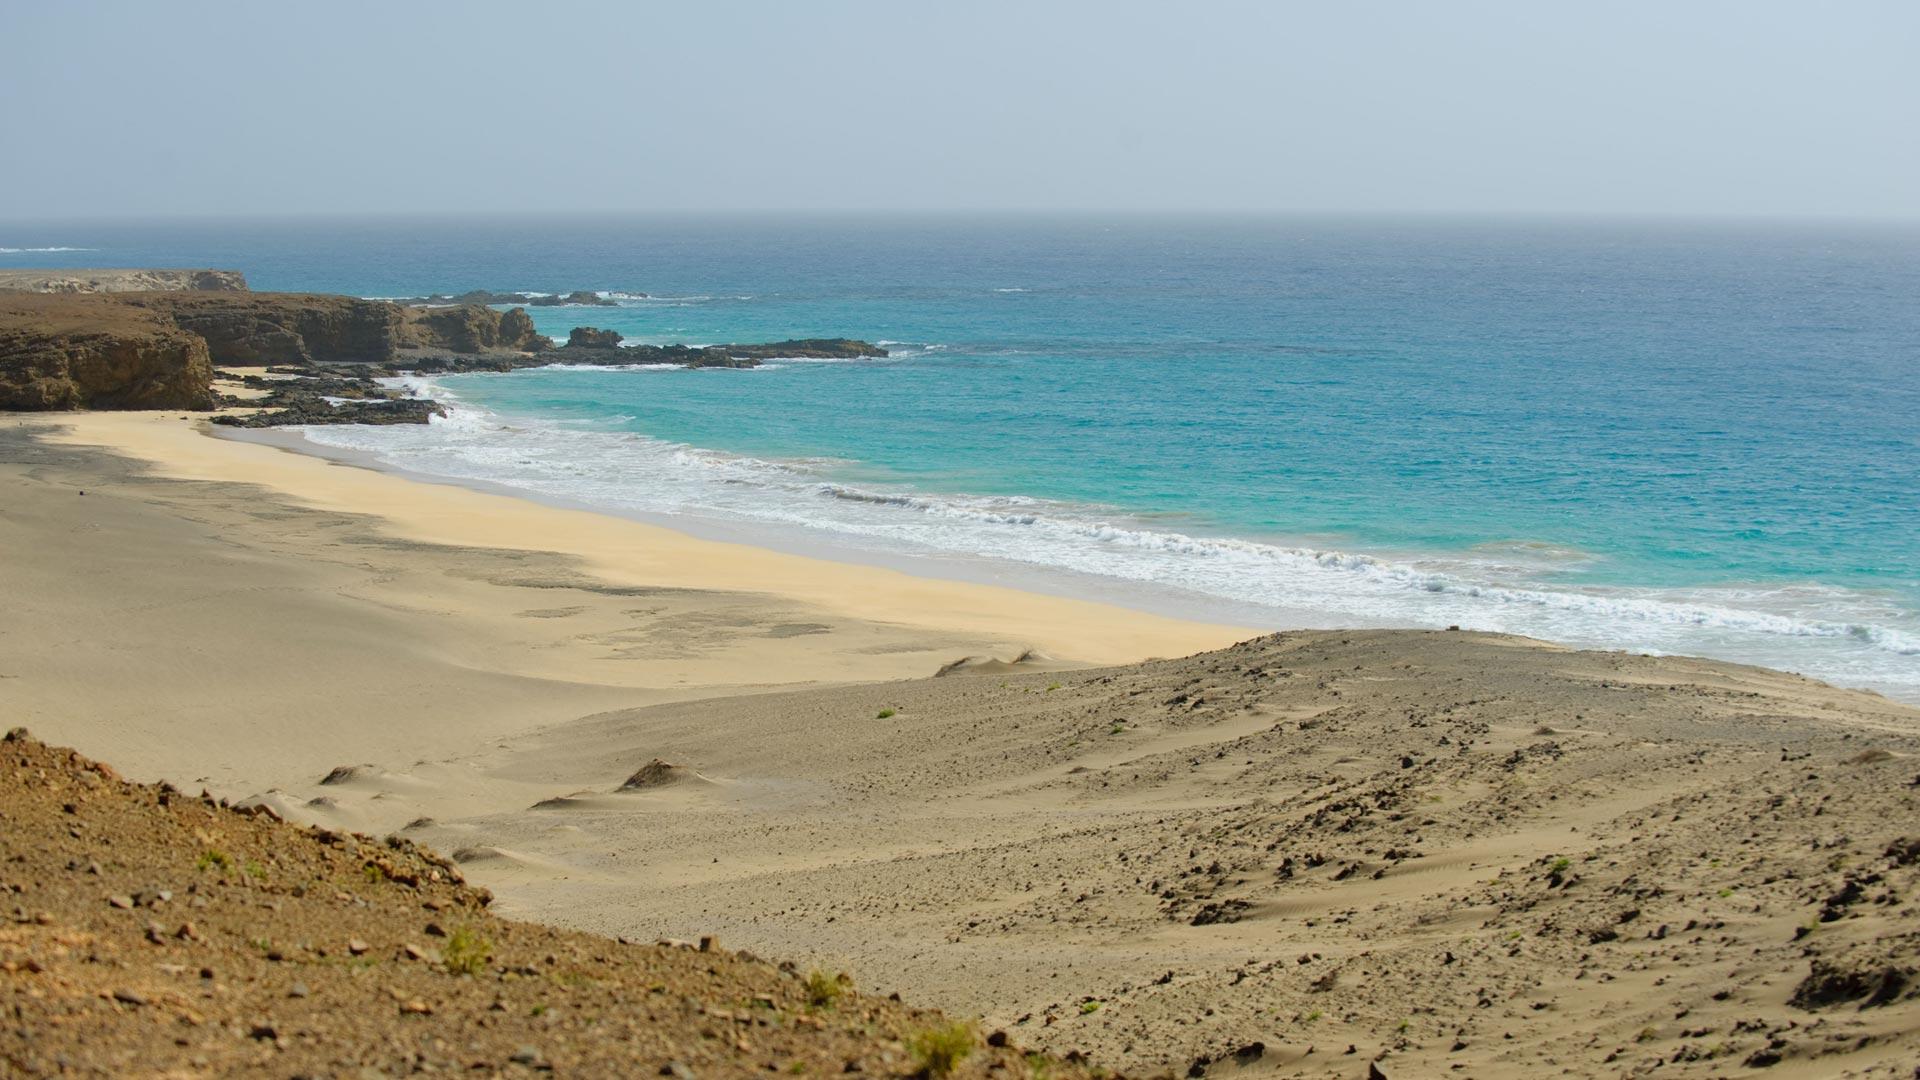 Petite île isolée idéale pour apprécier les vastes étendues de sable blanc, les eaux cristallines, le parc forestier le plus grand de l'archipel du Cap-Vert